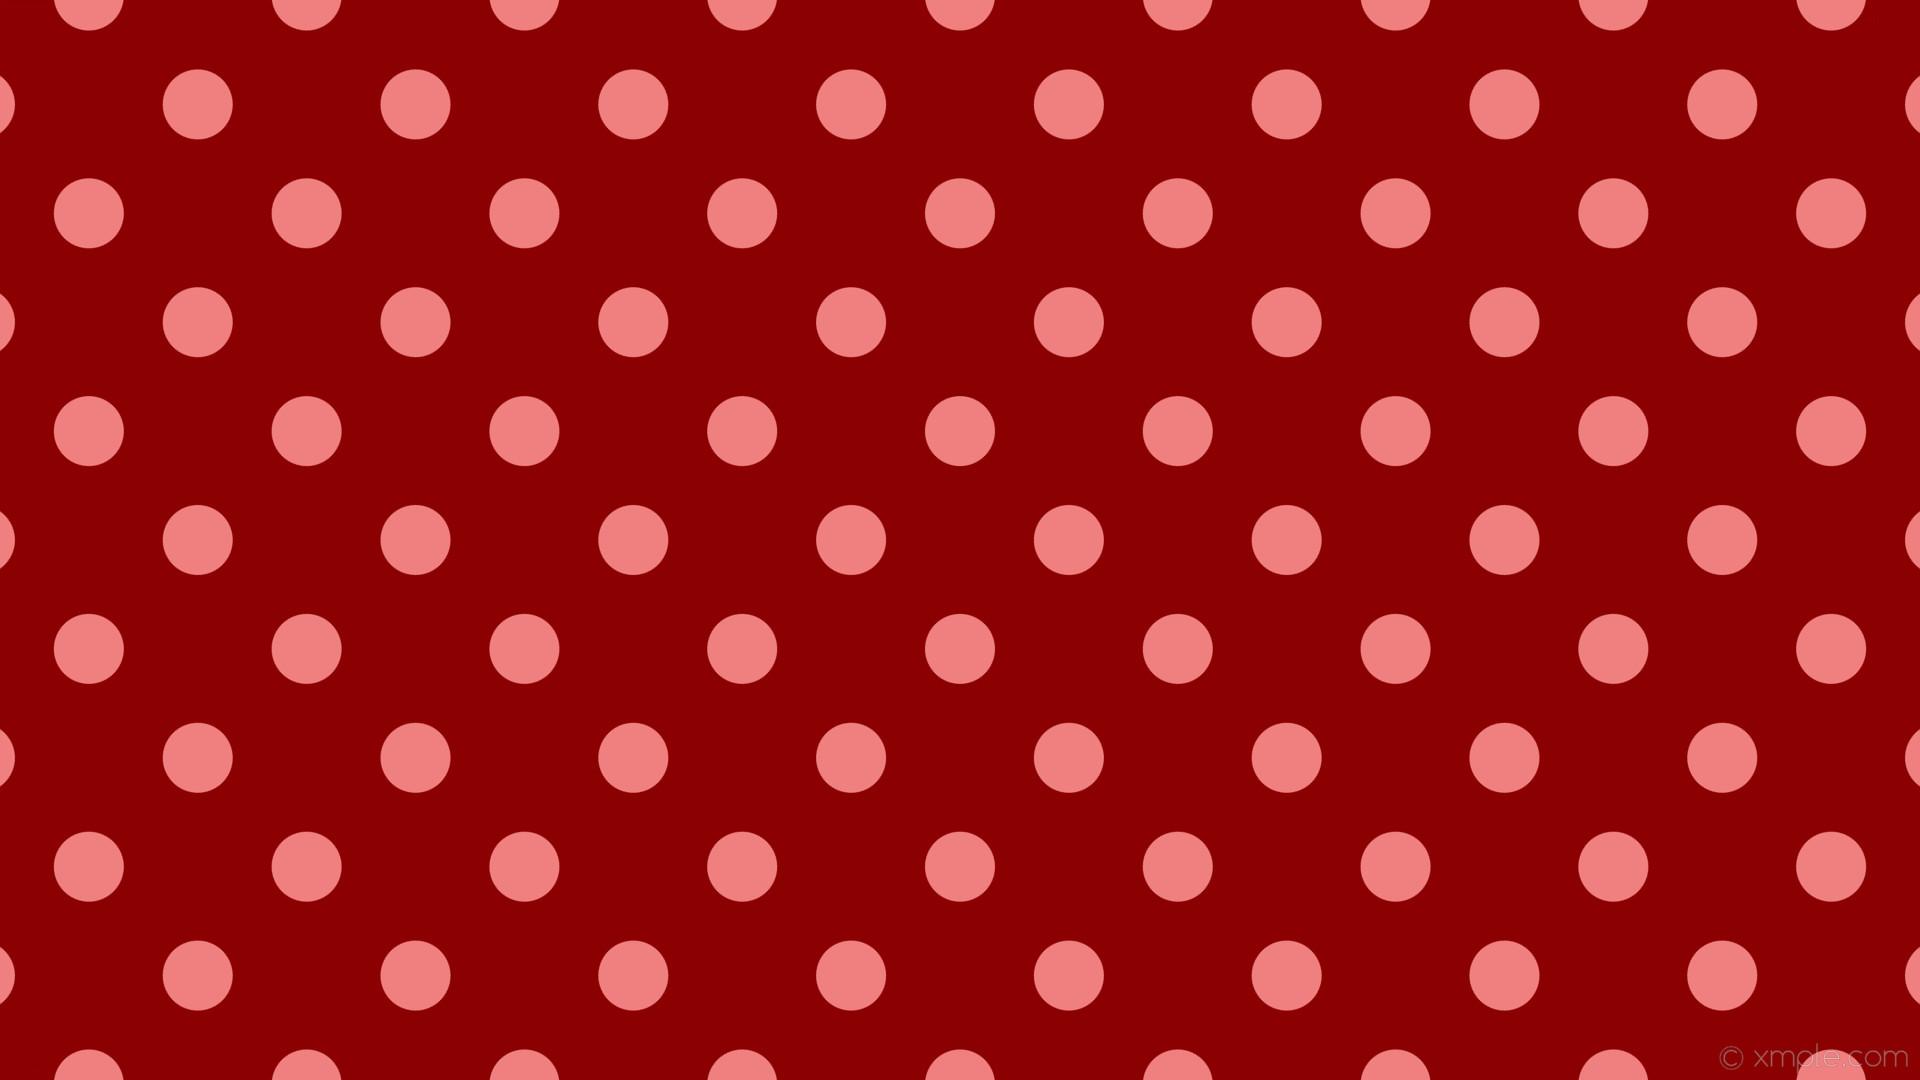 wallpaper polka dots spots red dark red light coral #8b0000 #f08080 135°  70px